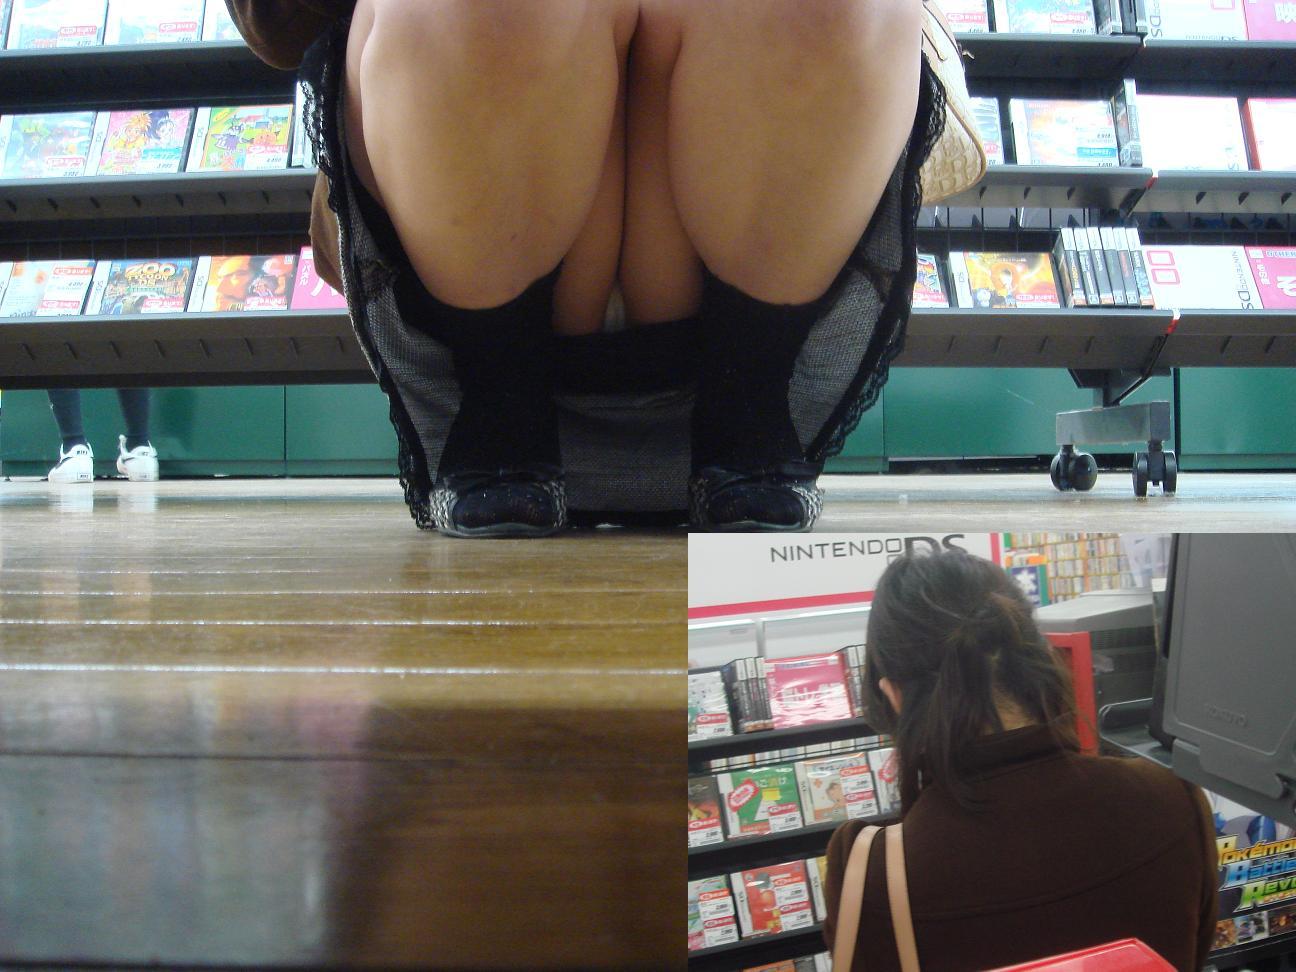 【パンチラエロ画像】下から丸見え!悠長に物色中の座り女子を棚越しに激写www 25